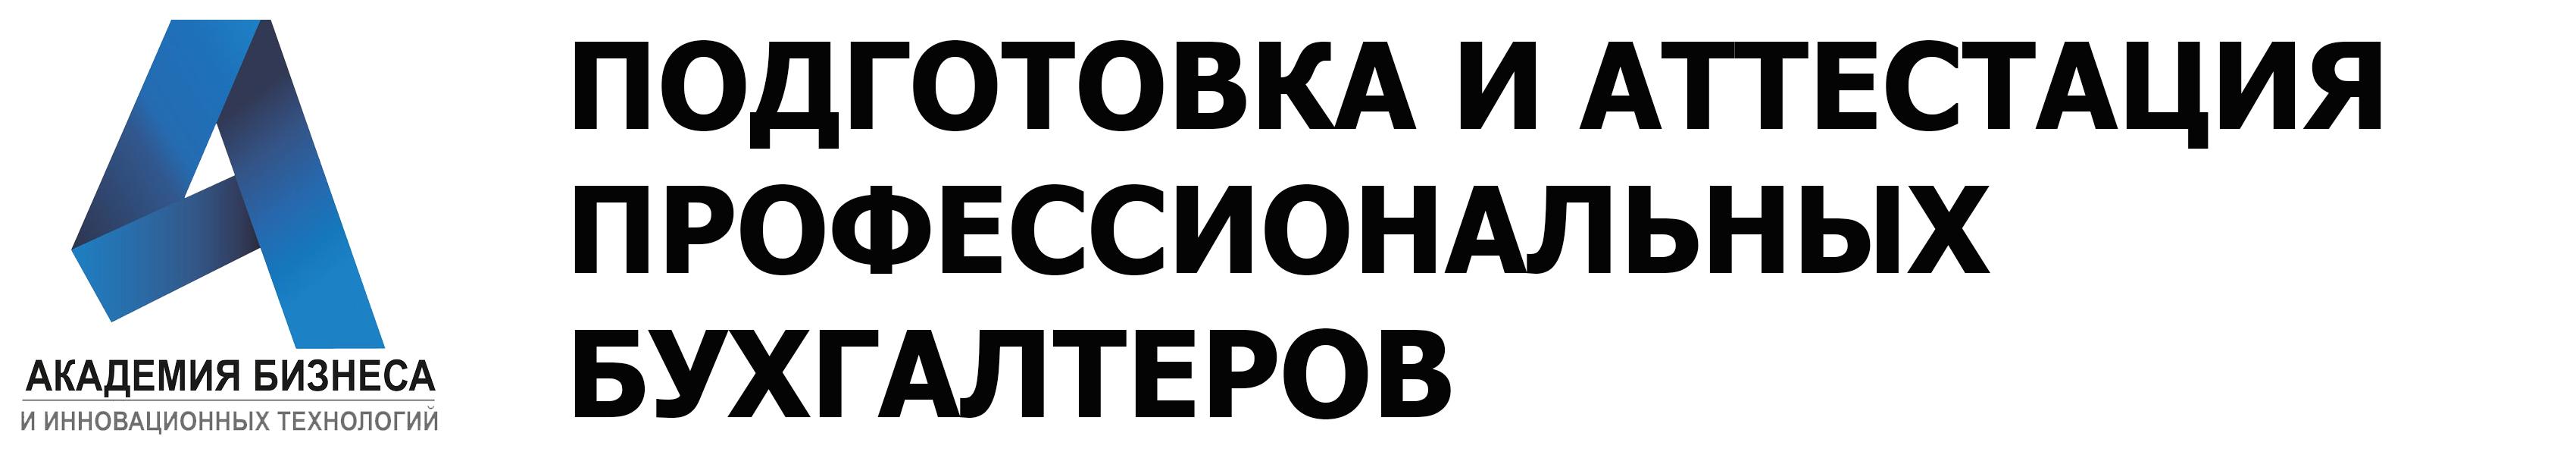 ПОДГОТОВКА И АТТЕСТАЦИЯ ПРОФЕССИОНАЛЬНЫХ БУХГАЛТЕРОВ